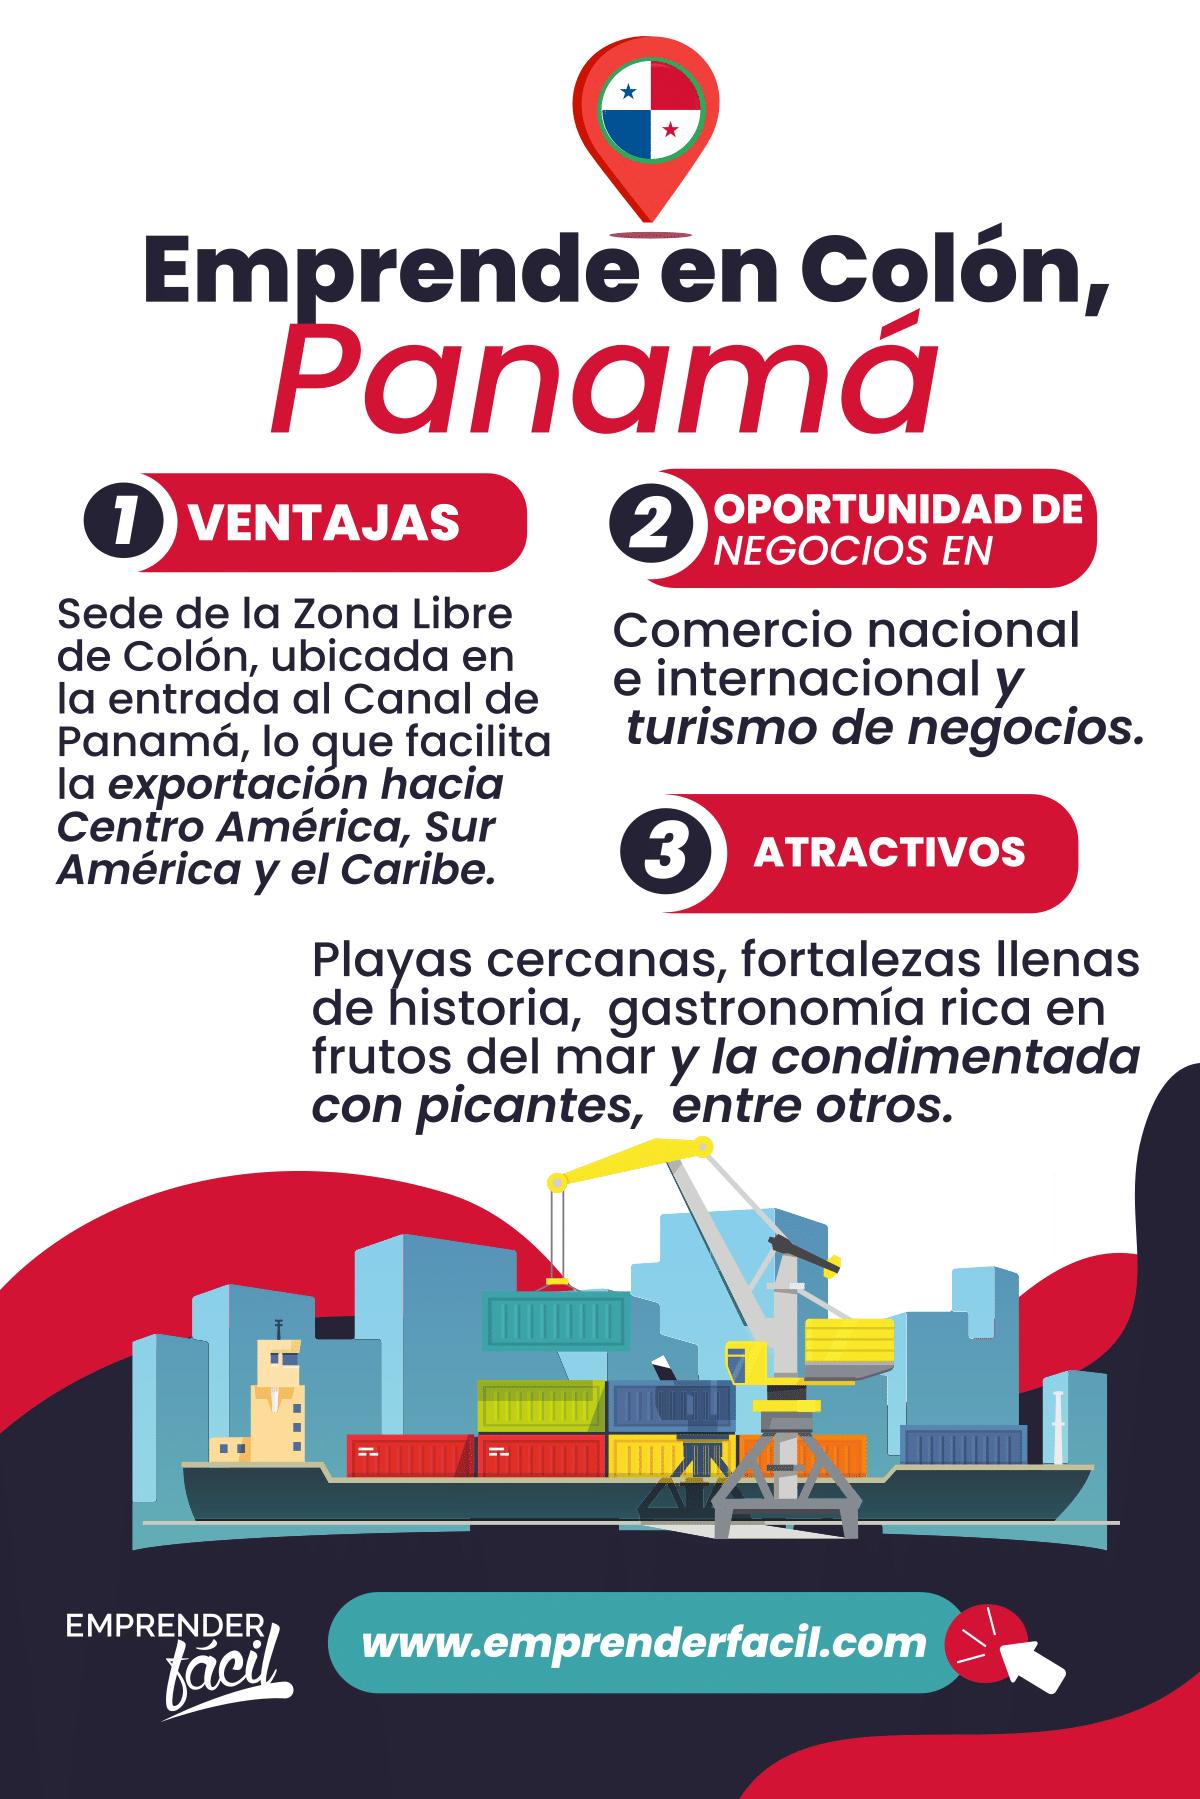 Emprende en Colón, Panamá